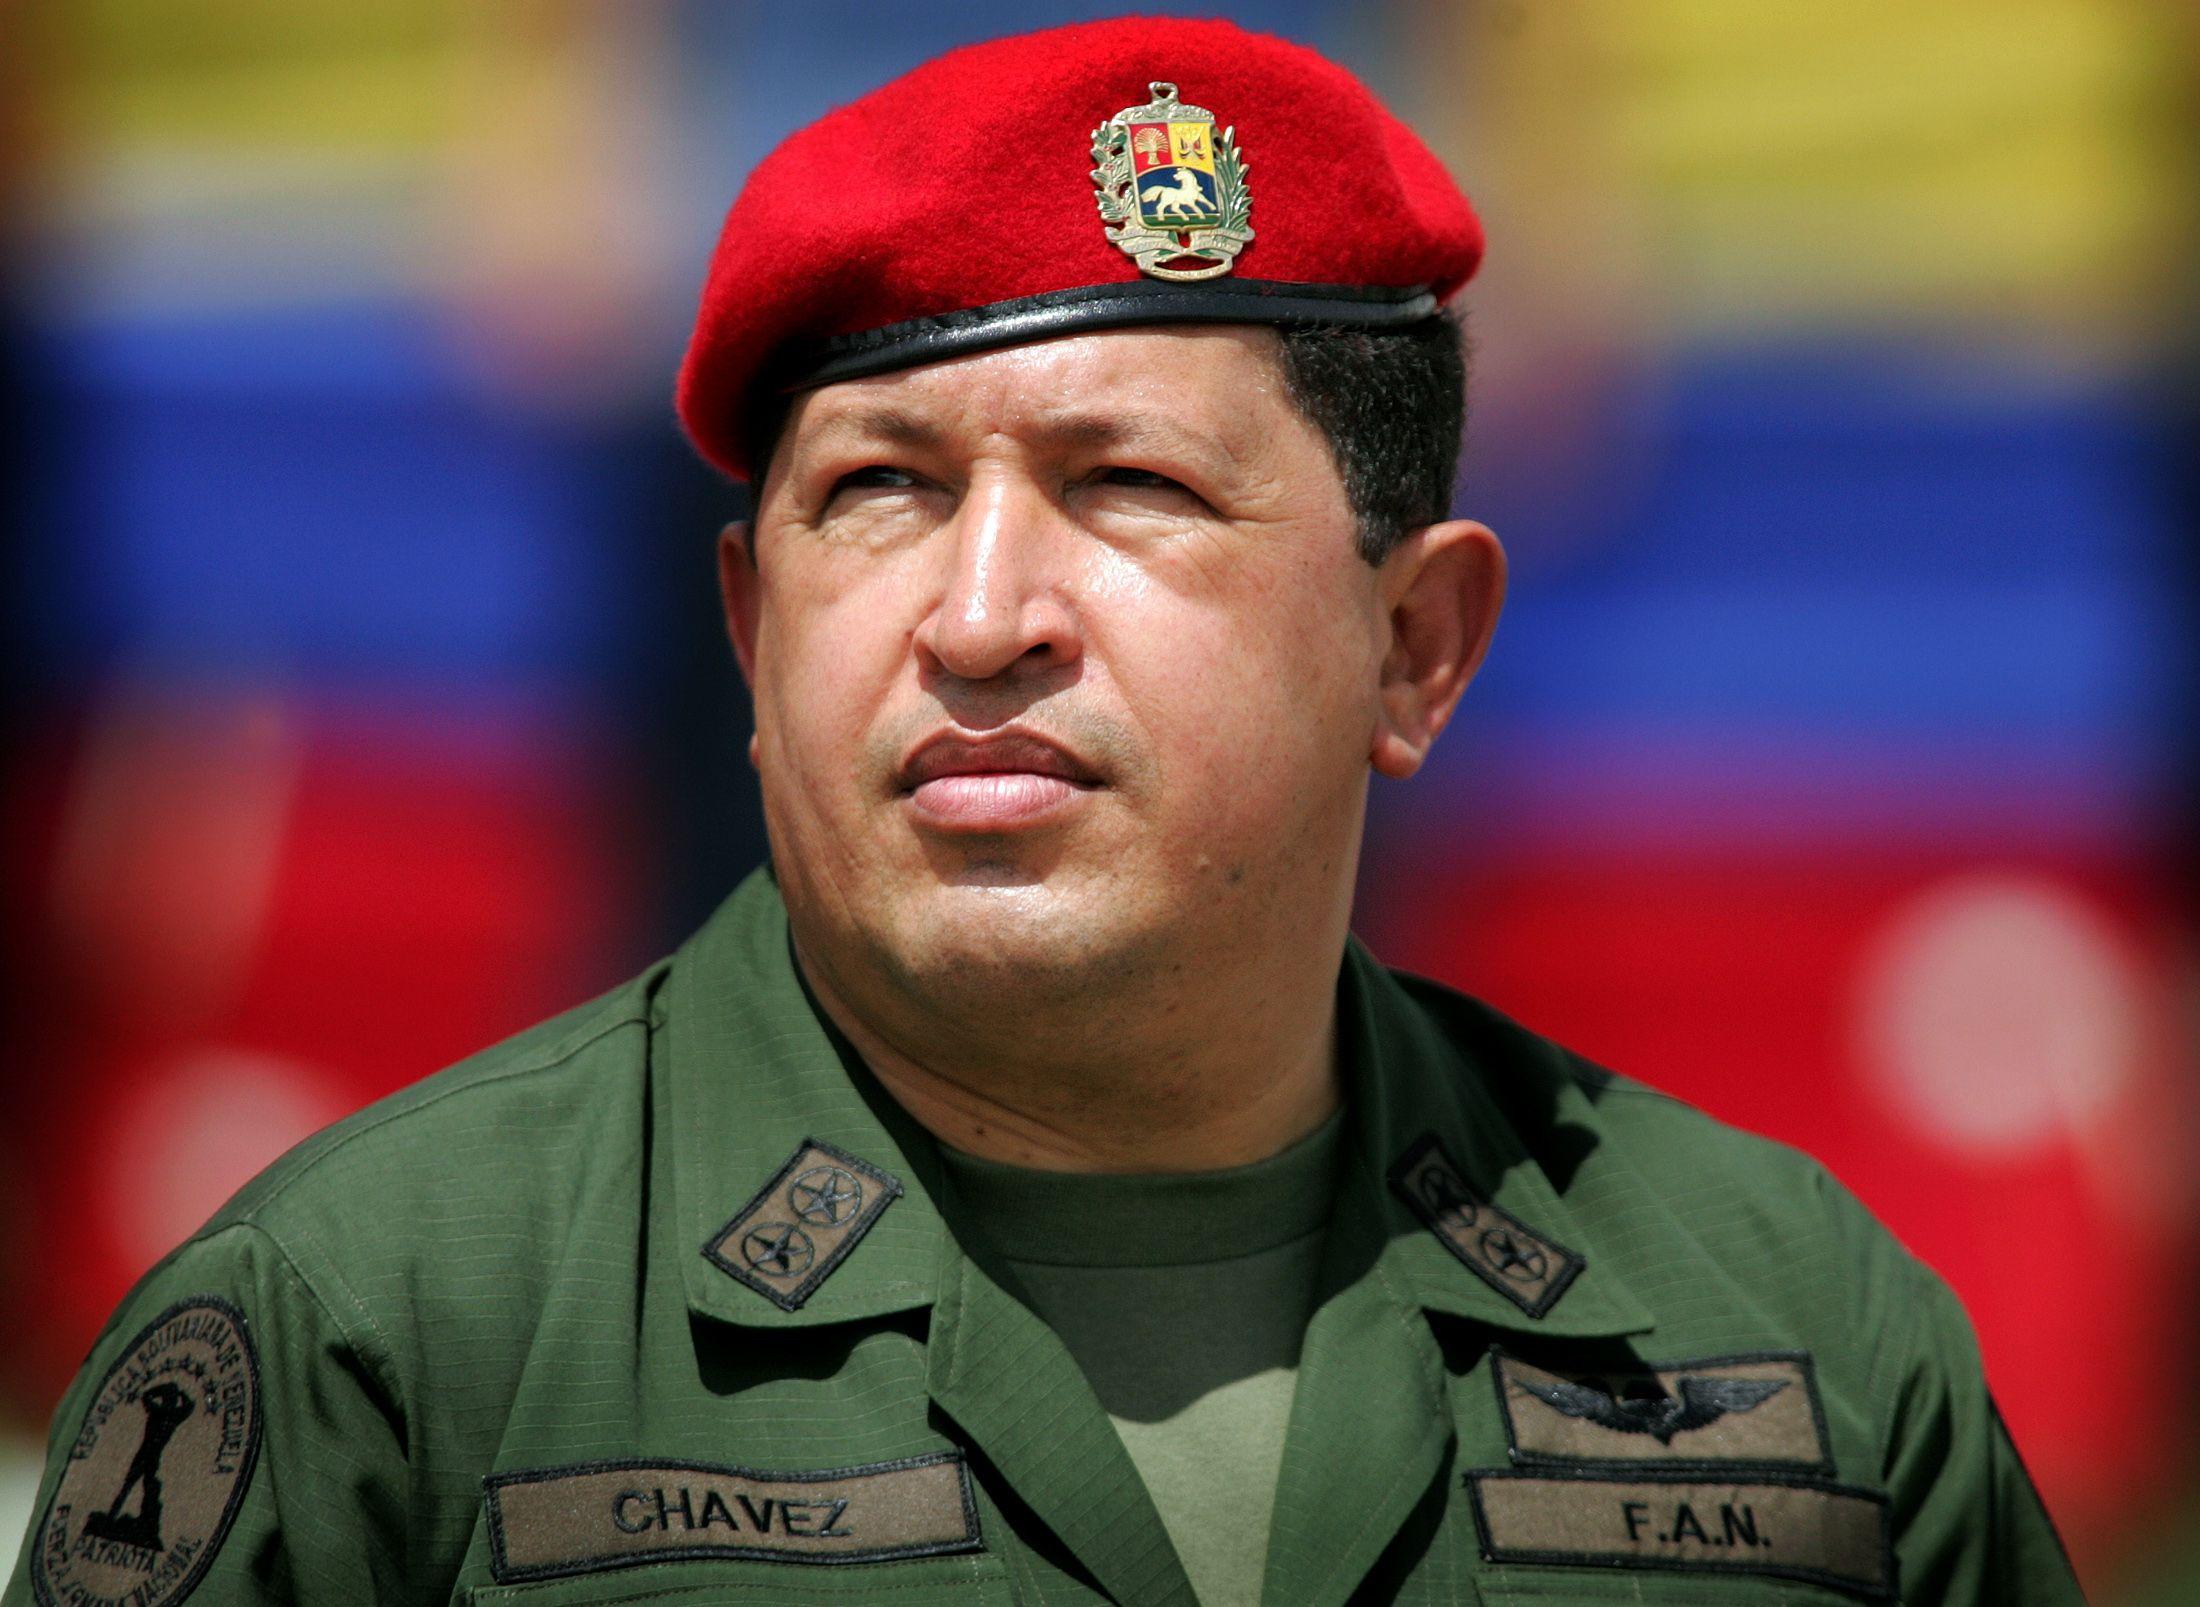 Au Venezuela, les arrestations d'opposants politiques se font de plus en plus nombreuses.